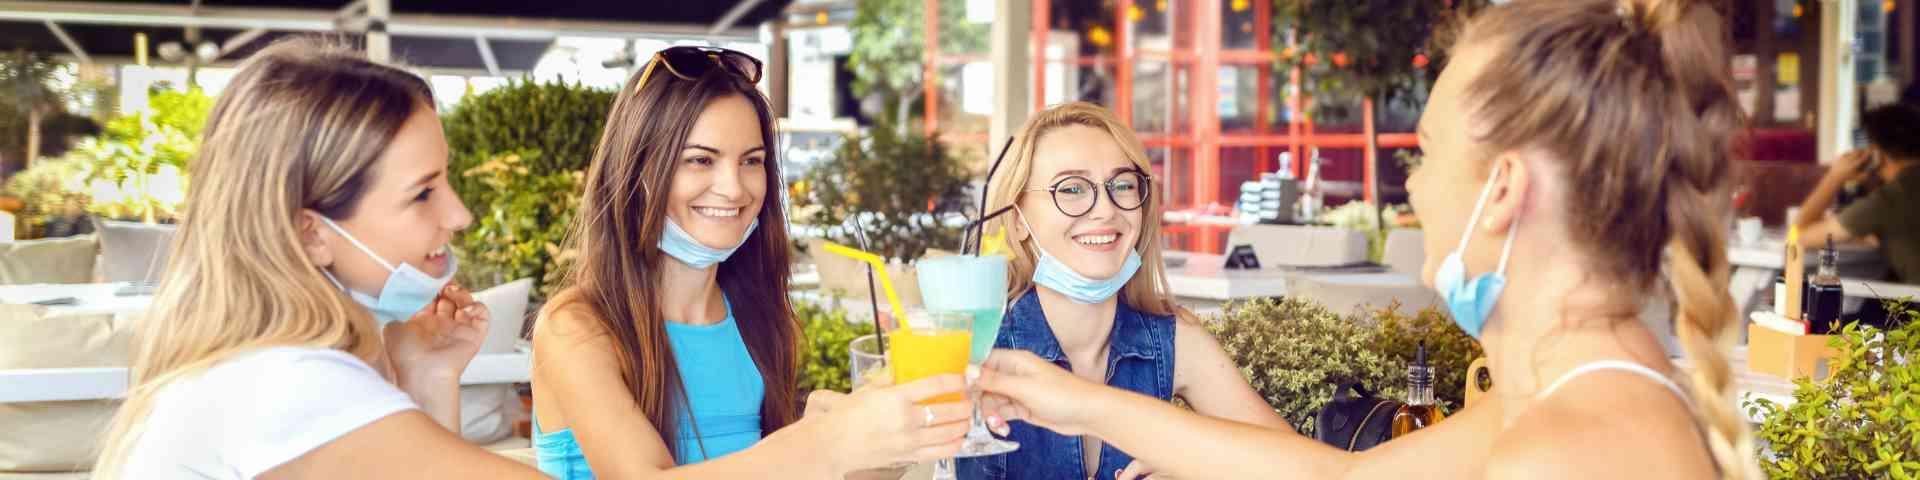 niet verzekerd bij rijden met drank op